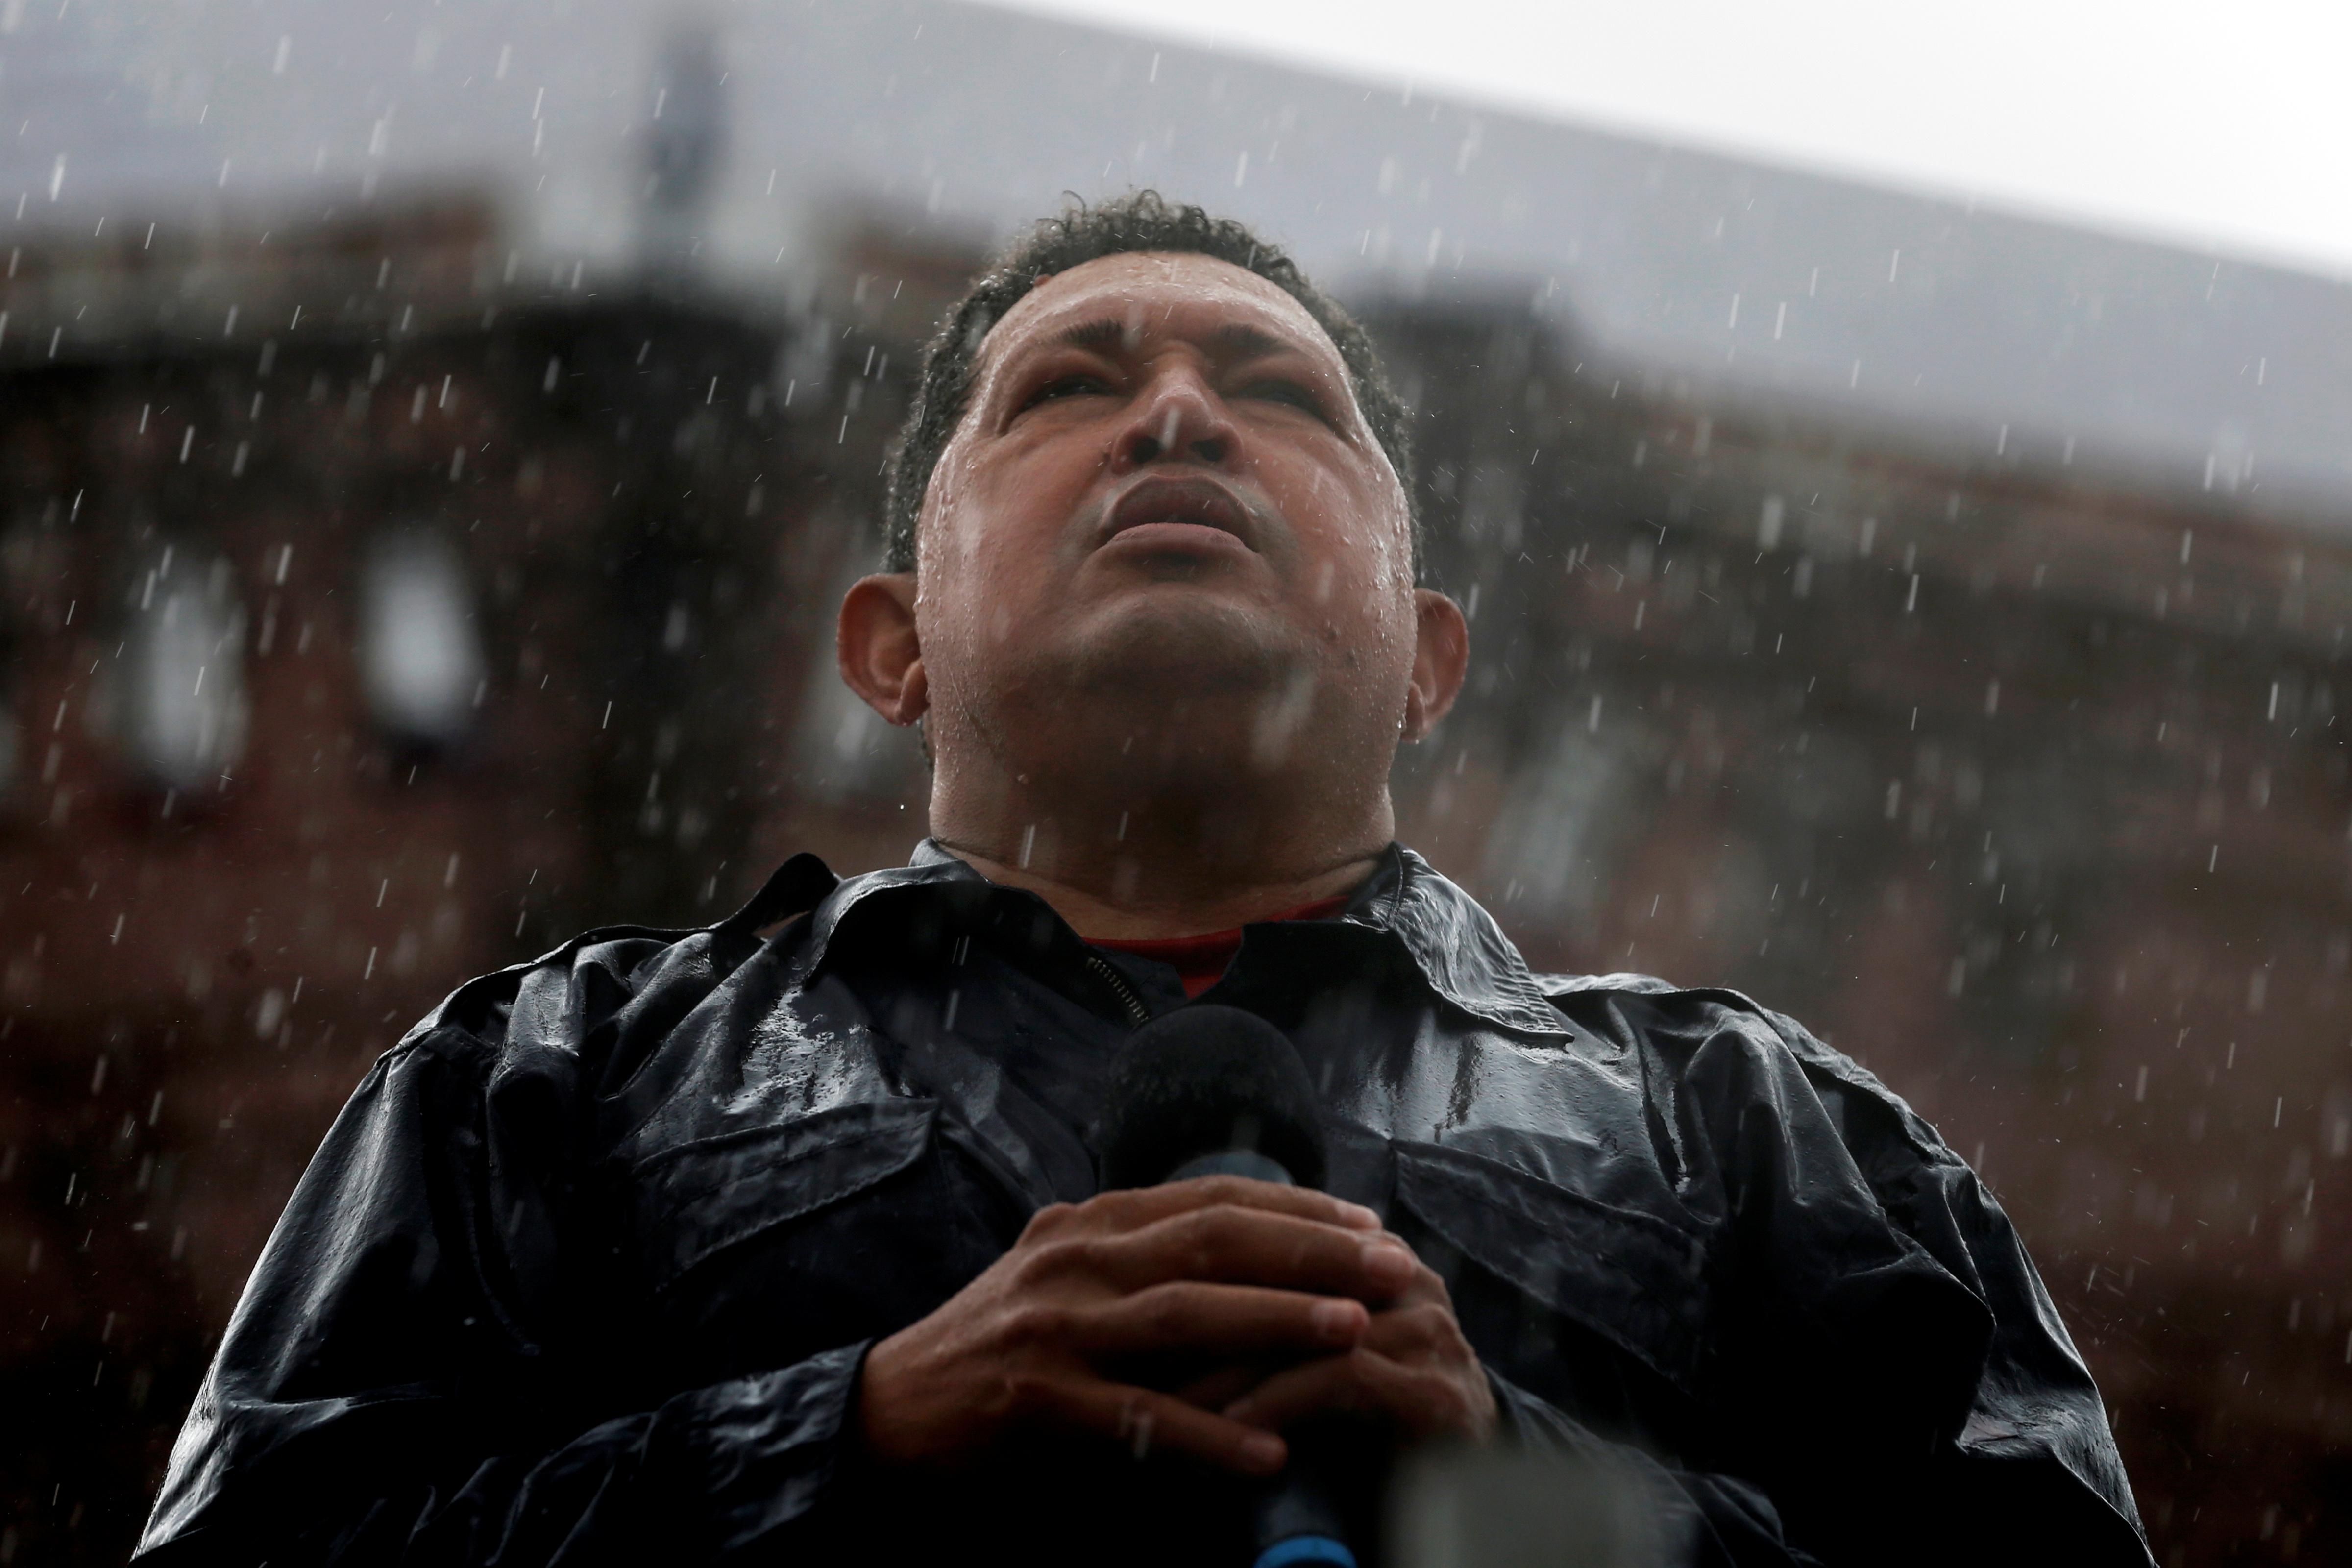 Hugo Chávez habla bajo la lluvia durante el acto de clausura de su última campaña presidencial en Caracas, Venezuela, el 4 de octubre de 2012 (REUTERS/Jorge Silva/File Photo)